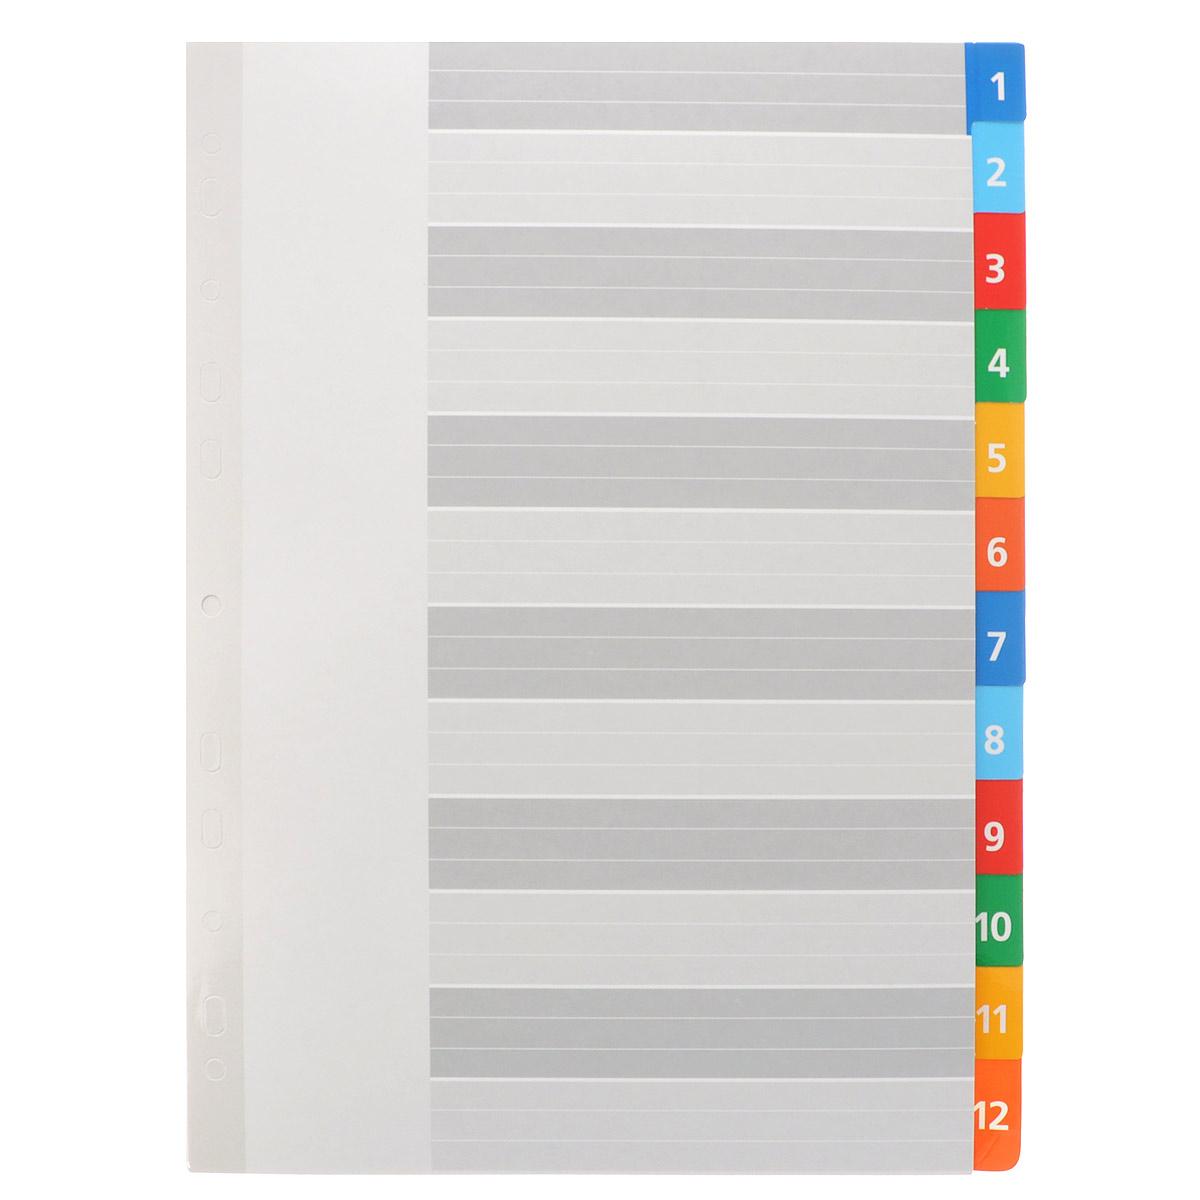 Набор разделителей листов Berlingo станет незаменимой канцелярской принадлежностью в вашей работе. Разделители листов выполнены из высококачественного картона серого цвета. Они предназначены для учета, классификации и удобной систематизации документов формата А4 в архивных папках, папках-регистраторах, скоросшивателях. В набор входят 12 разделителей с цифровой вырубкой (от 1 до 12) и титульный лист, выполненный из плотной бумаги. Универсальная боковая перфорация, состоящая из 11 отверстий, позволяет использовать разделители в папках с различными механизмами подшивания.